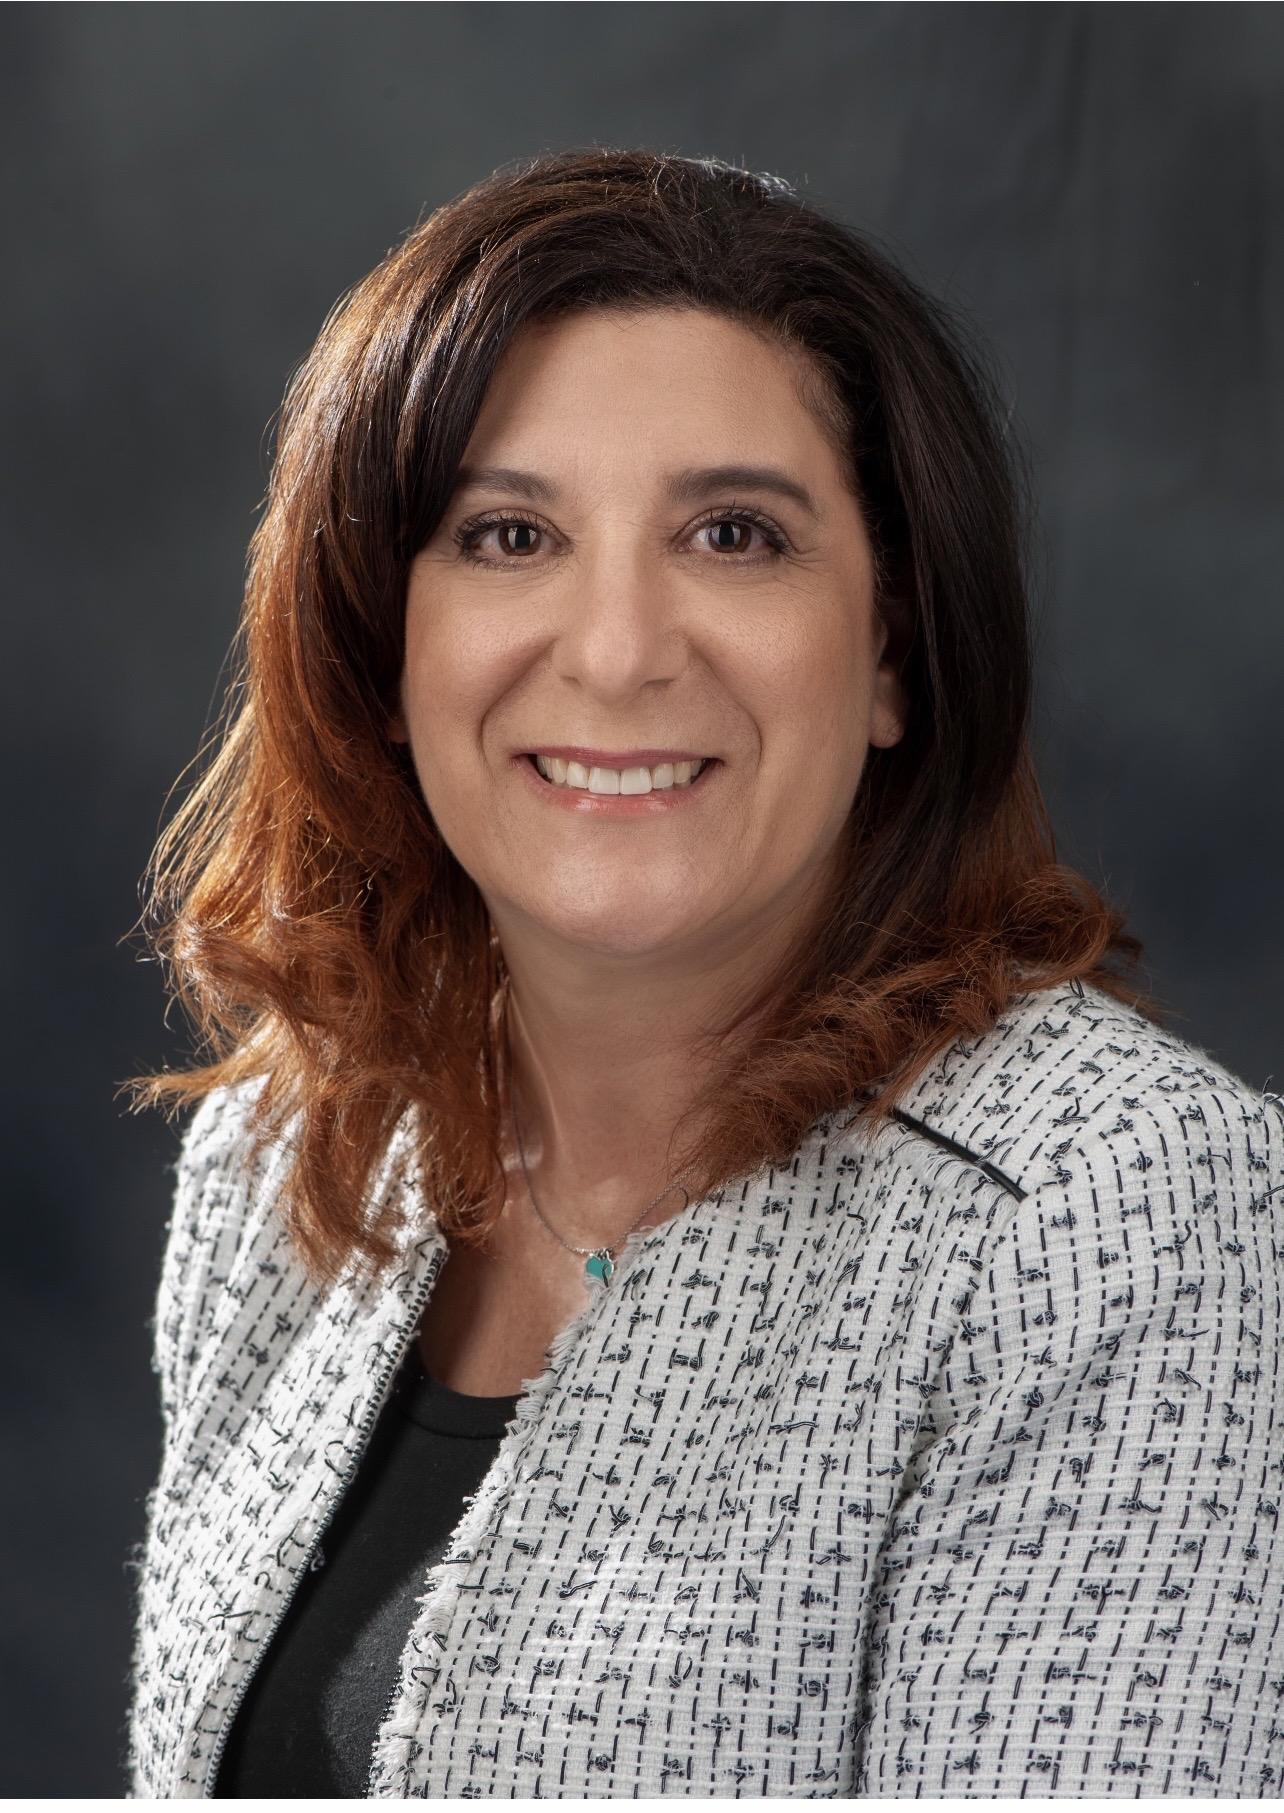 Charlene Nichol